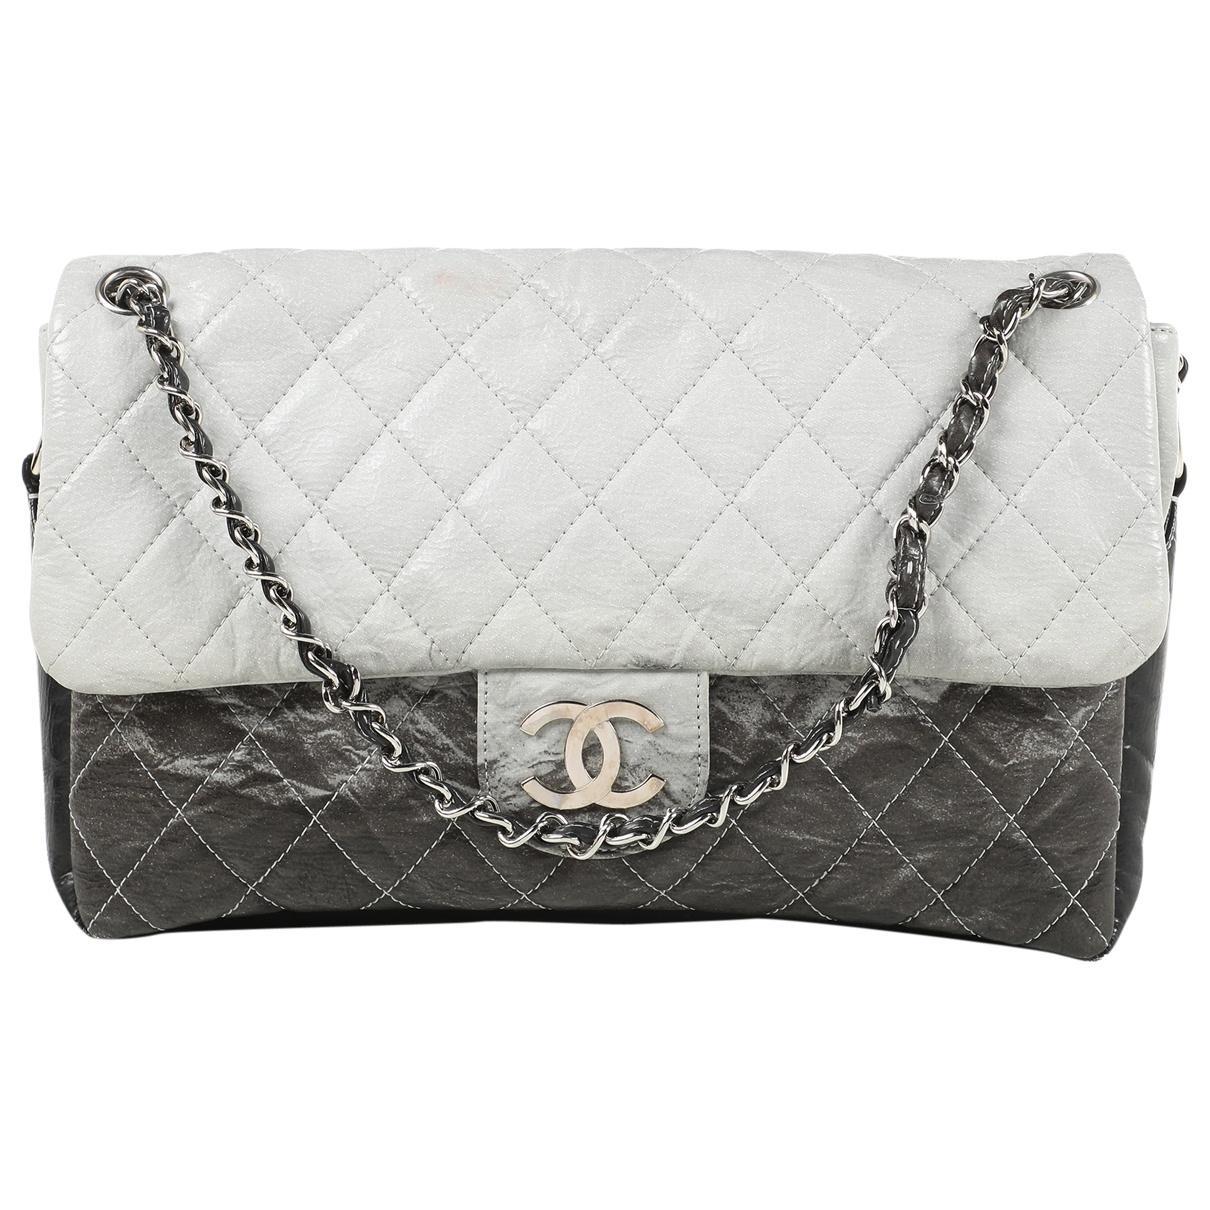 d2215fc5d3f8 Chanel - Gray Timeless/classique Grey Plastic Handbag - Lyst. View  fullscreen